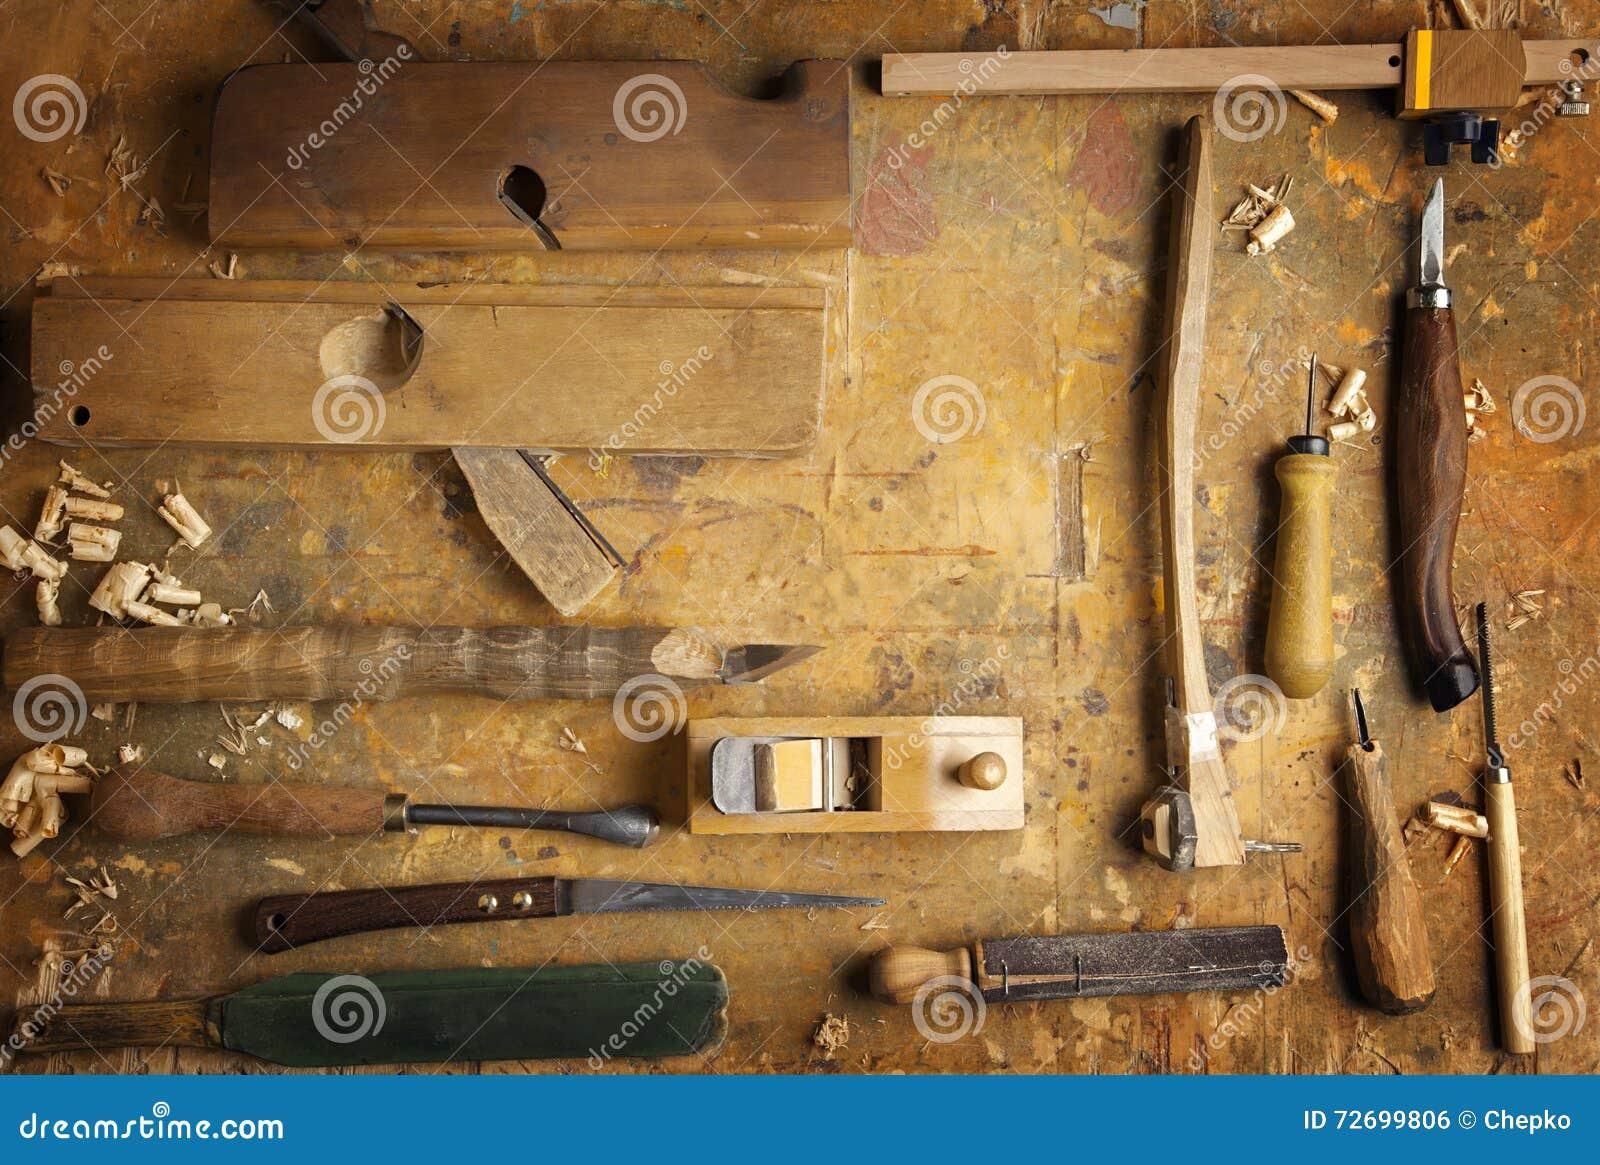 Strumenti Per Lavorare Il Legno : Utensili antichi per lavorare il legno attrezzi per lavorare il